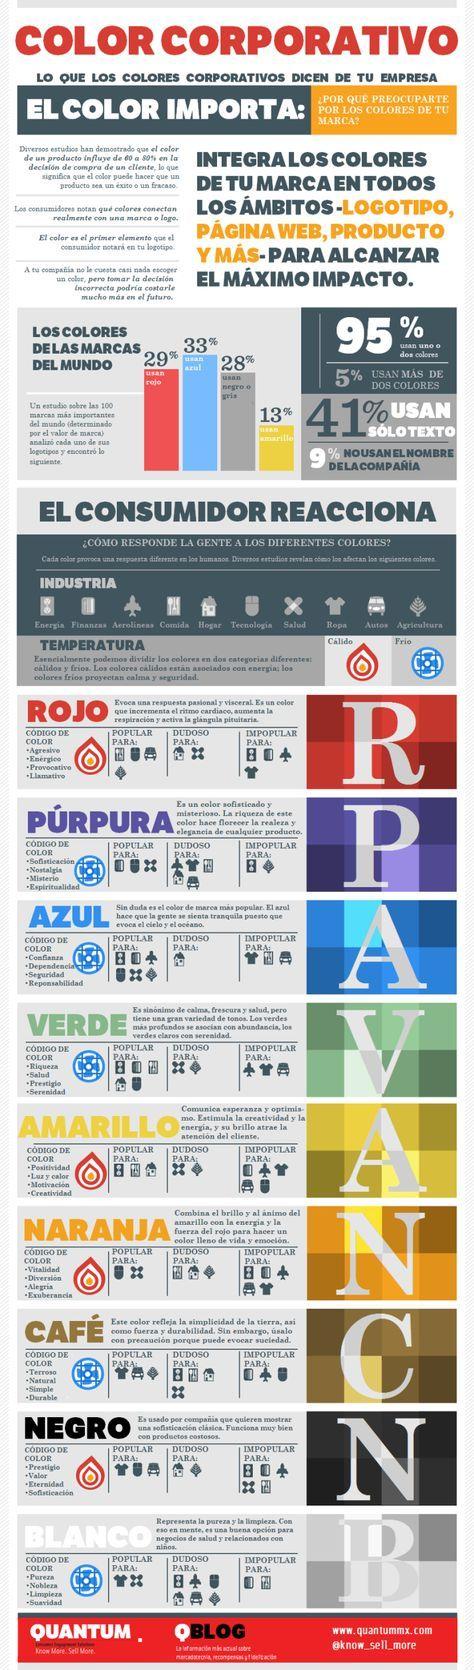 Infografía   Color corporativo #branding